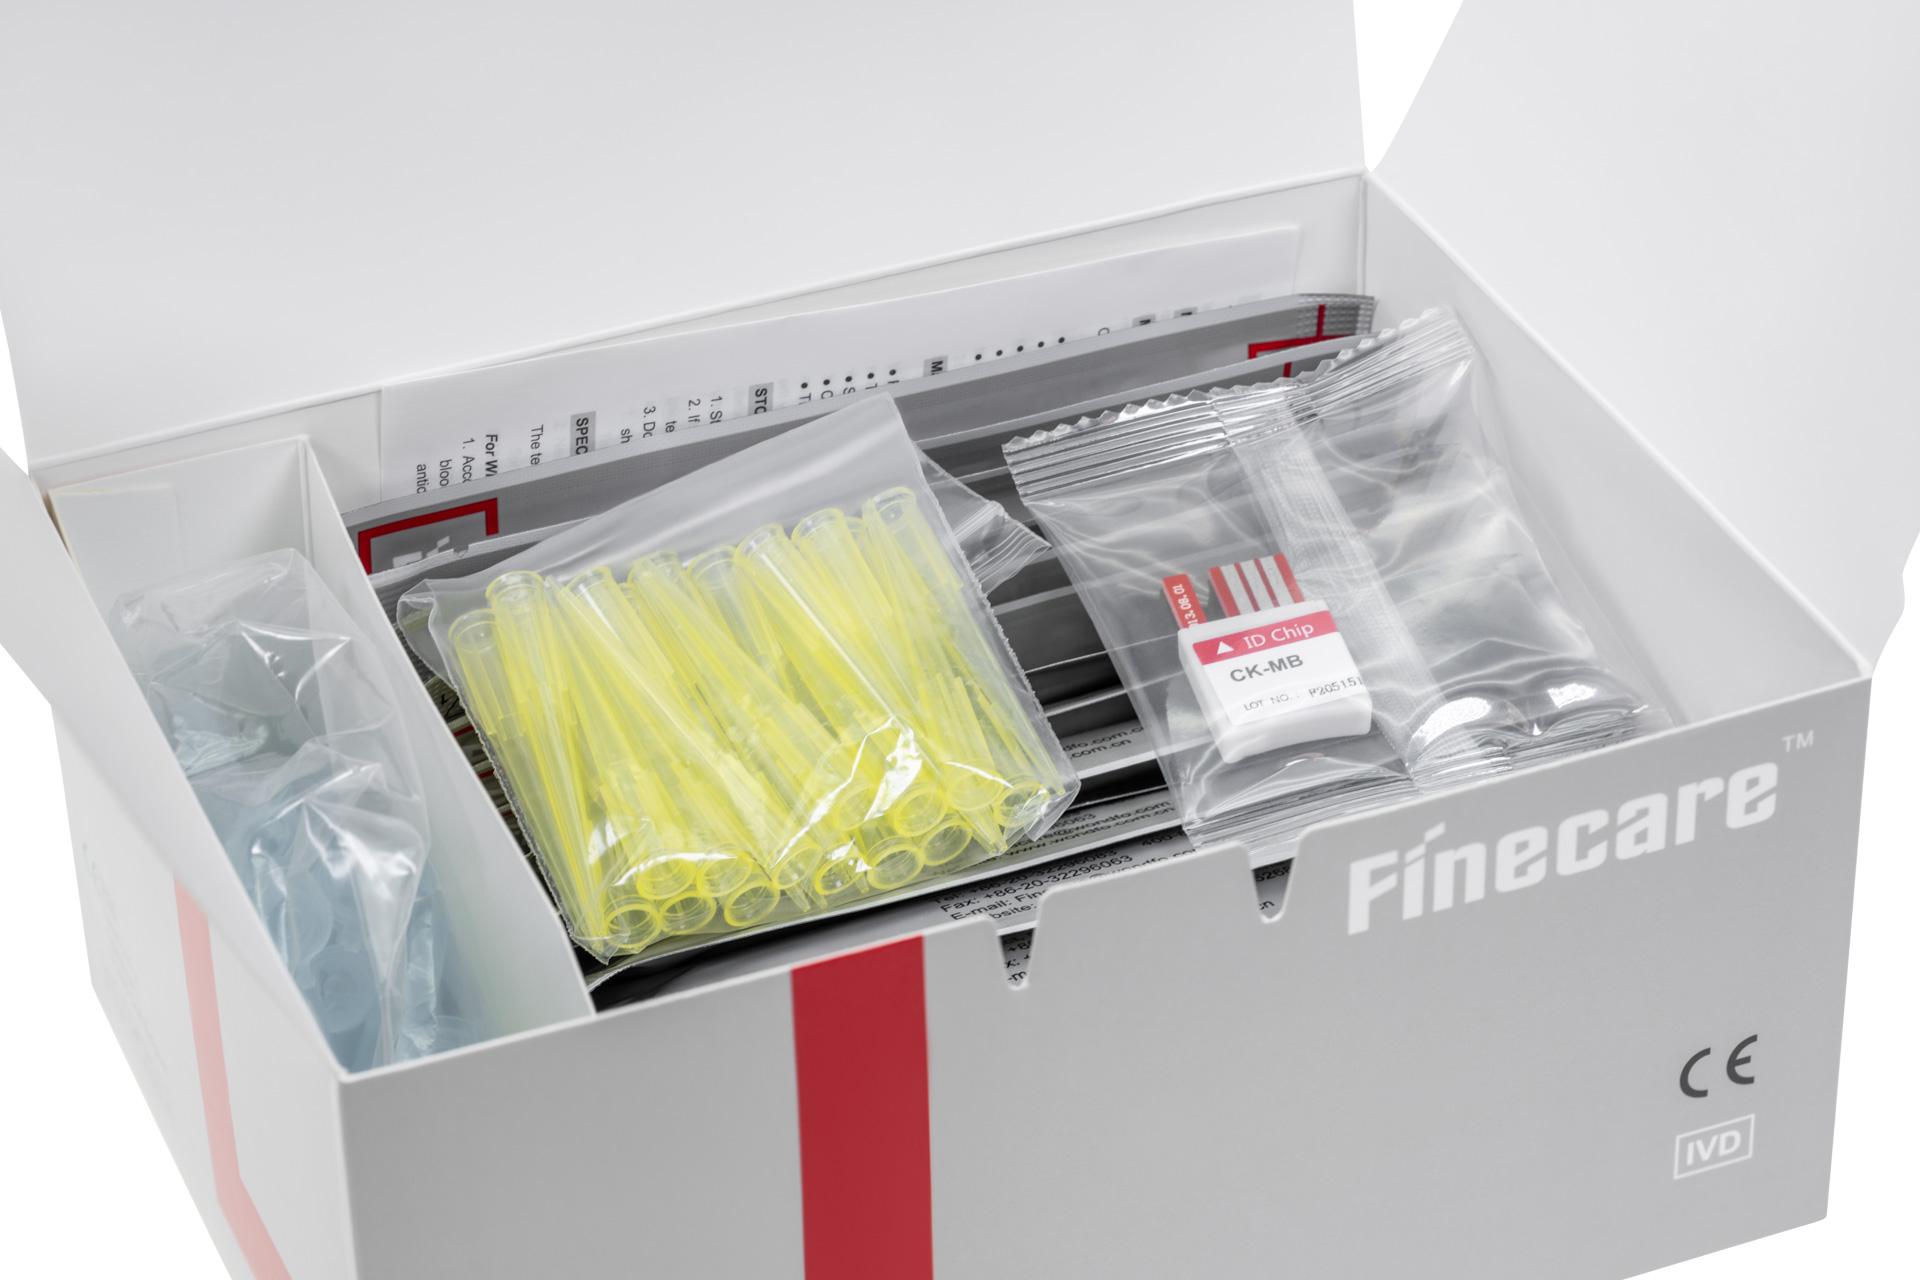 bm Finecare 9105